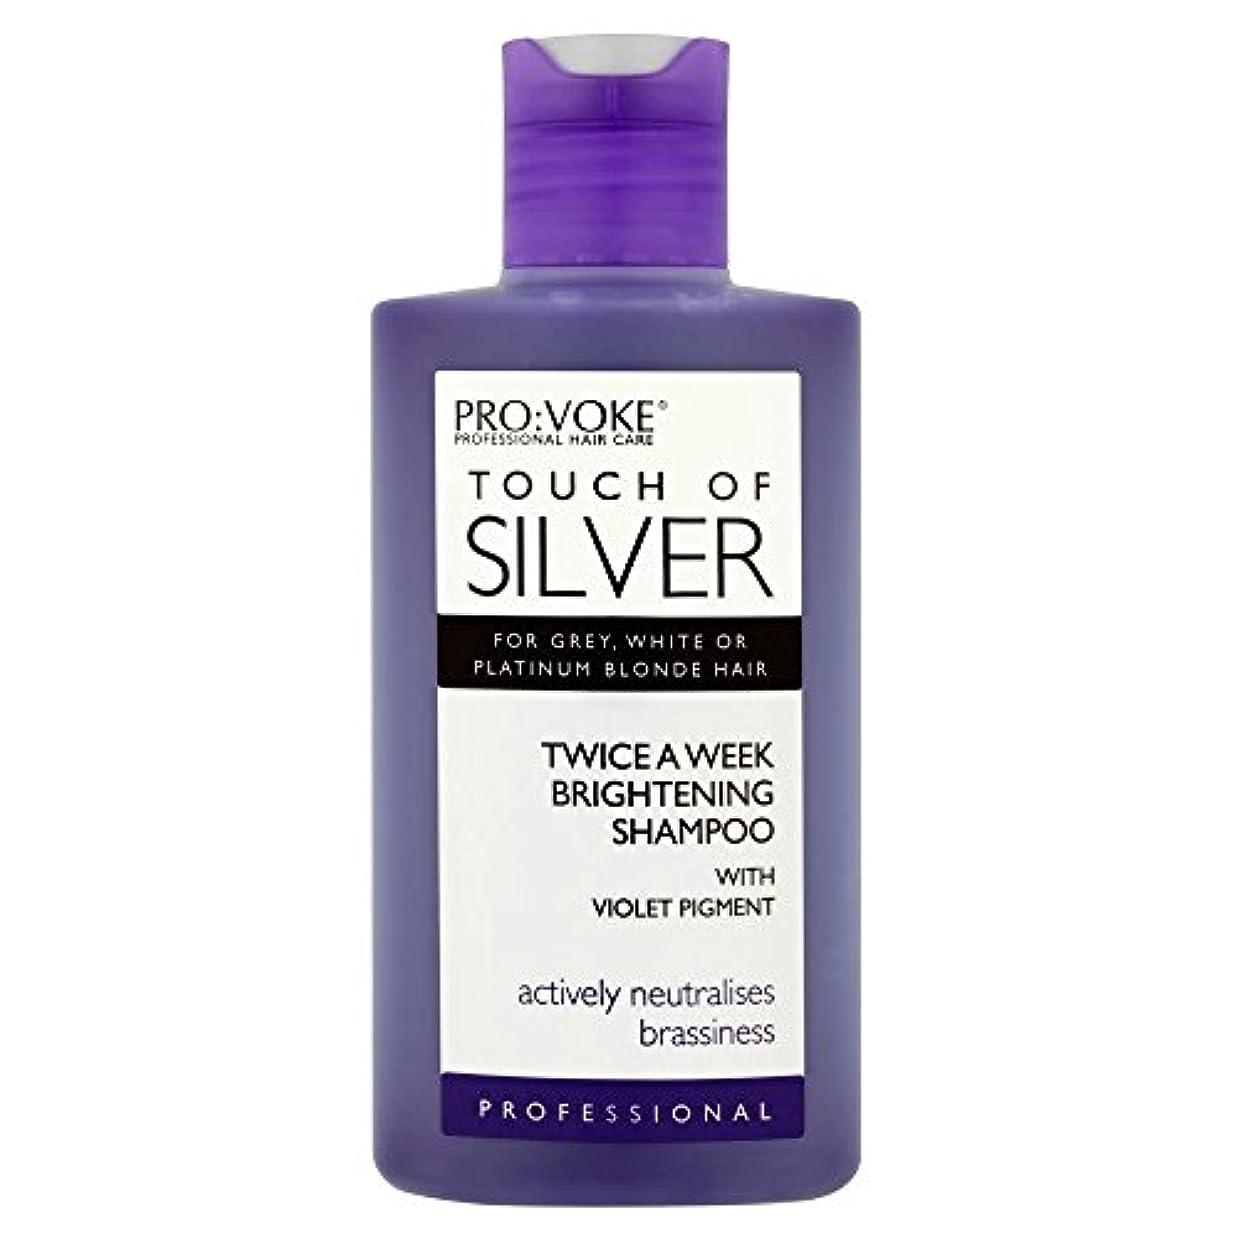 崩壊艦隊思春期Pro:voke Touch of Silver Professional Twice a Week Brightening Shampoo (150ml) プロ:プロの銀二回週白シャンプーのvokeタッチ( 150ミリリットル...